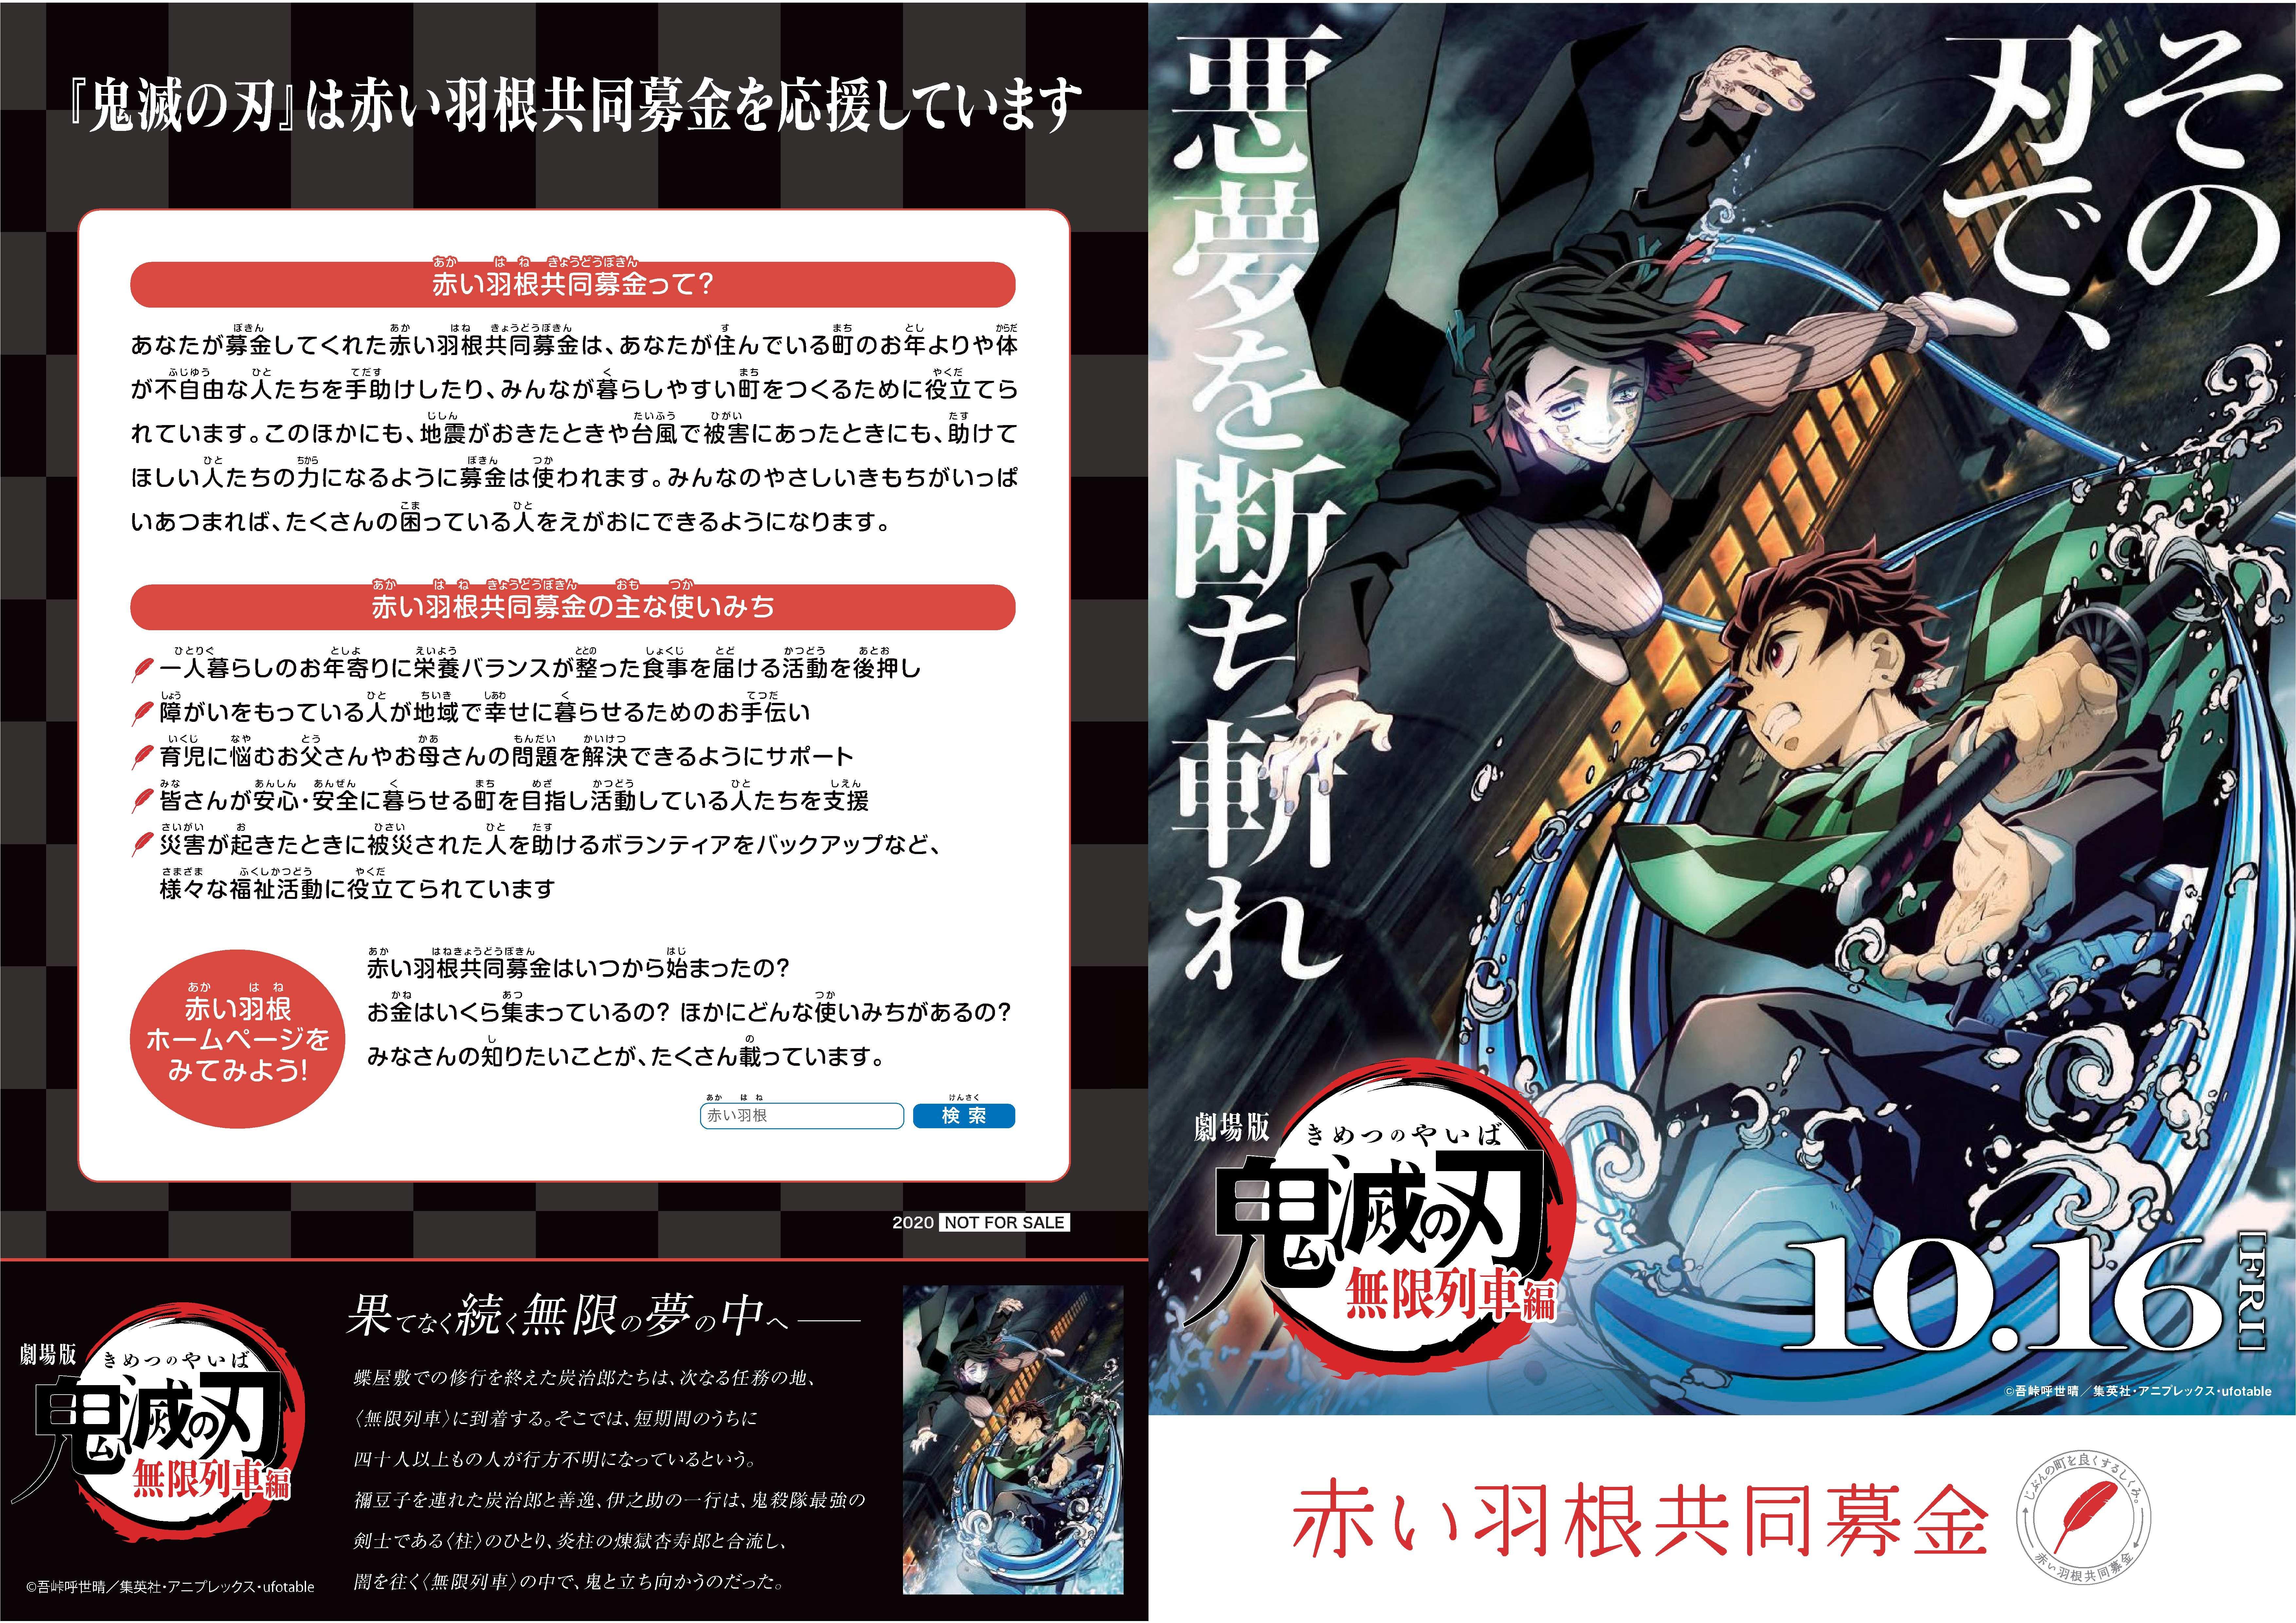 劇場版鬼滅の刃×赤い羽根クリアファイル2020.jpg